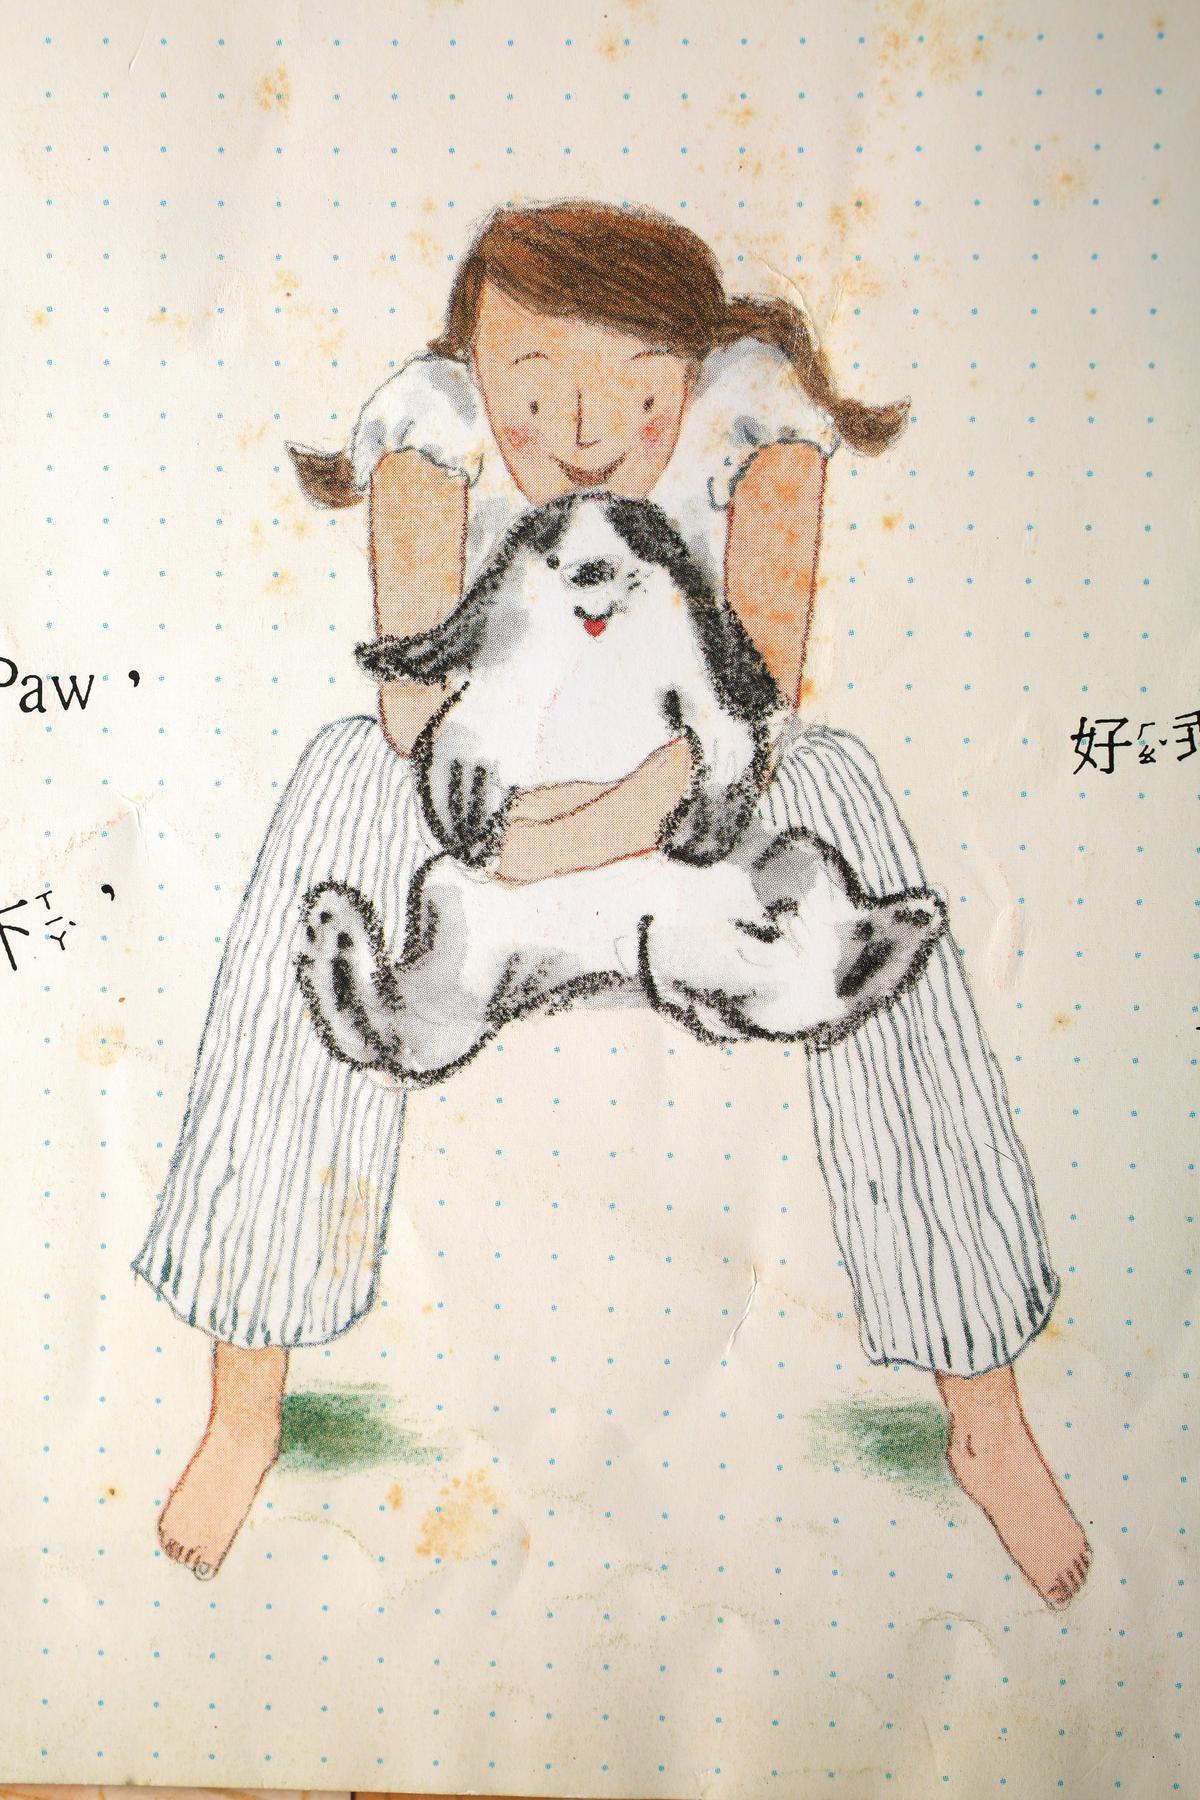 李瑾倫用畫筆記錄愛犬Paw的樣貌。(李瑾倫提供)